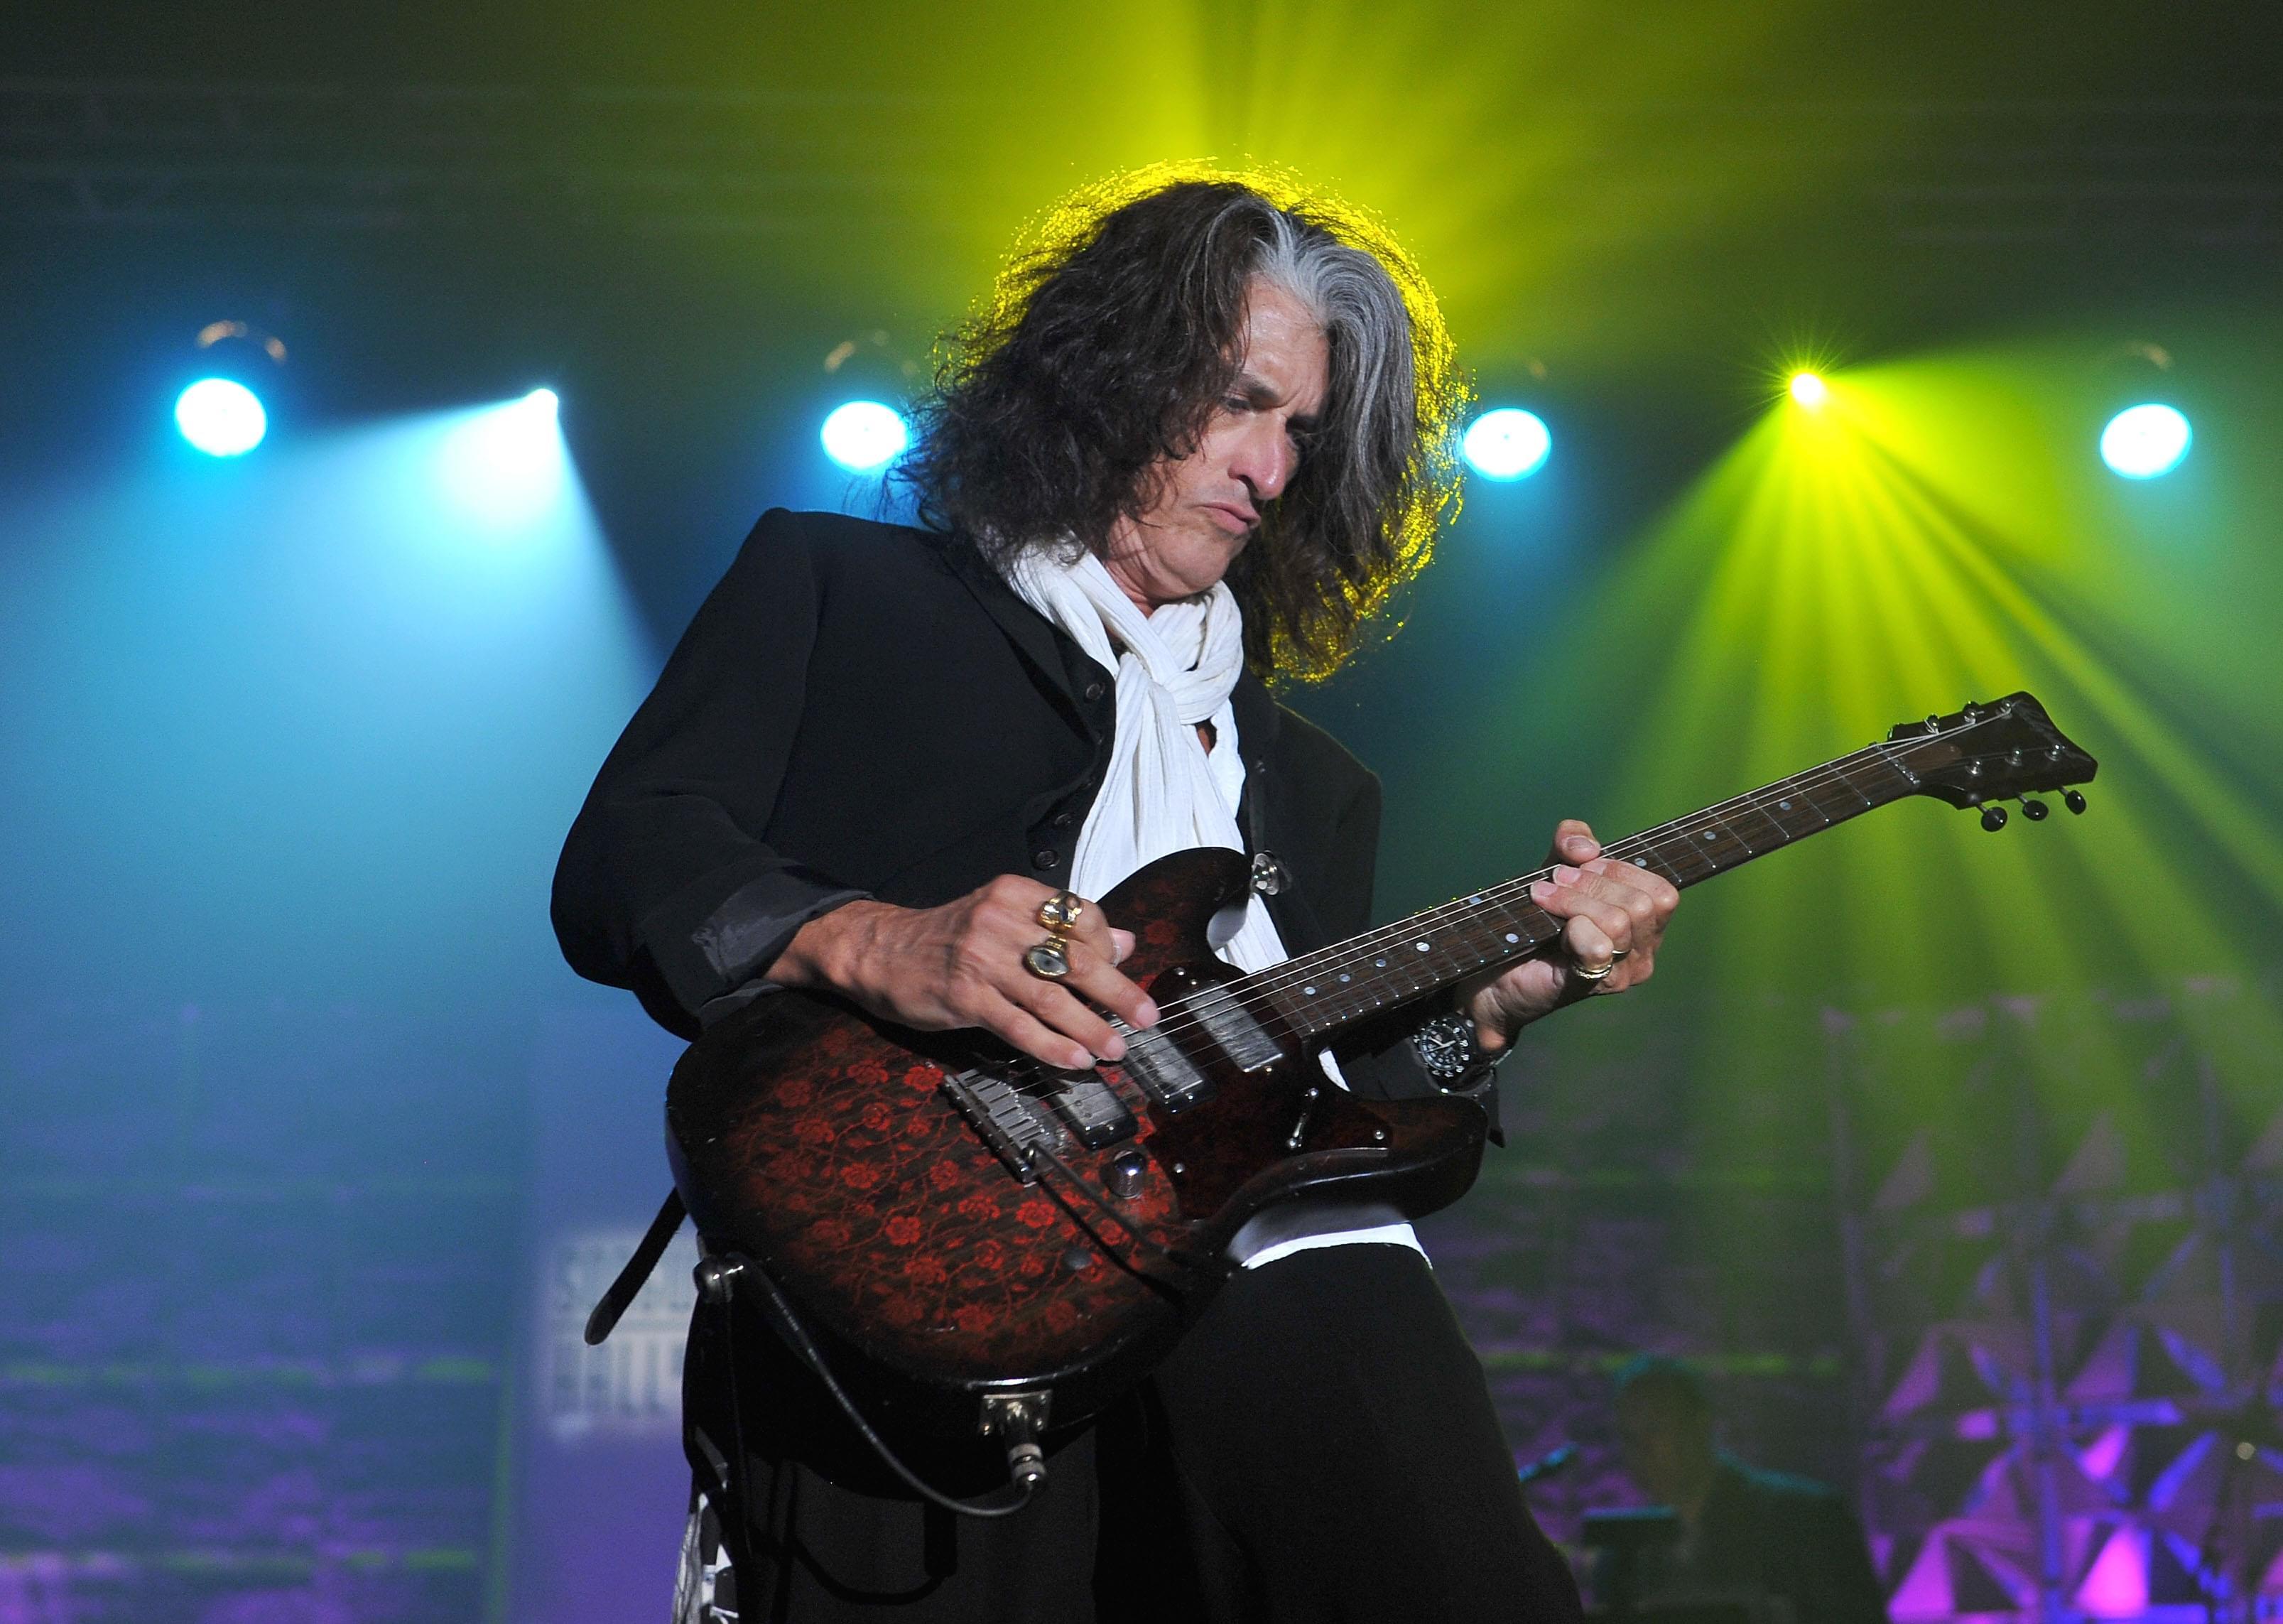 Happy birthday to Aerosmith's Joe Perry!!